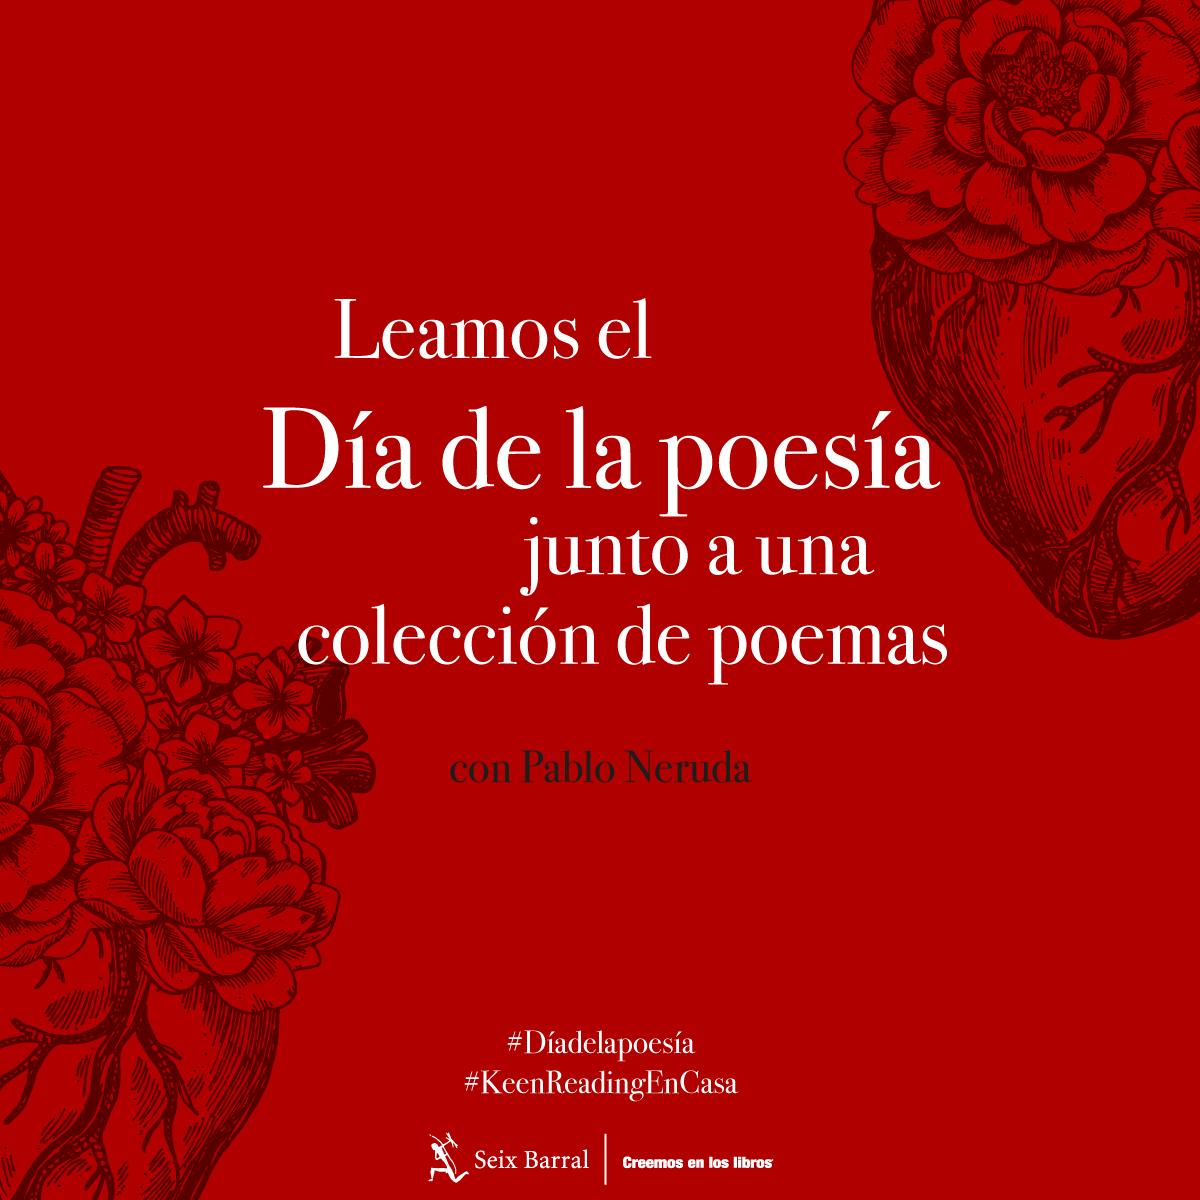 Día de la poesía